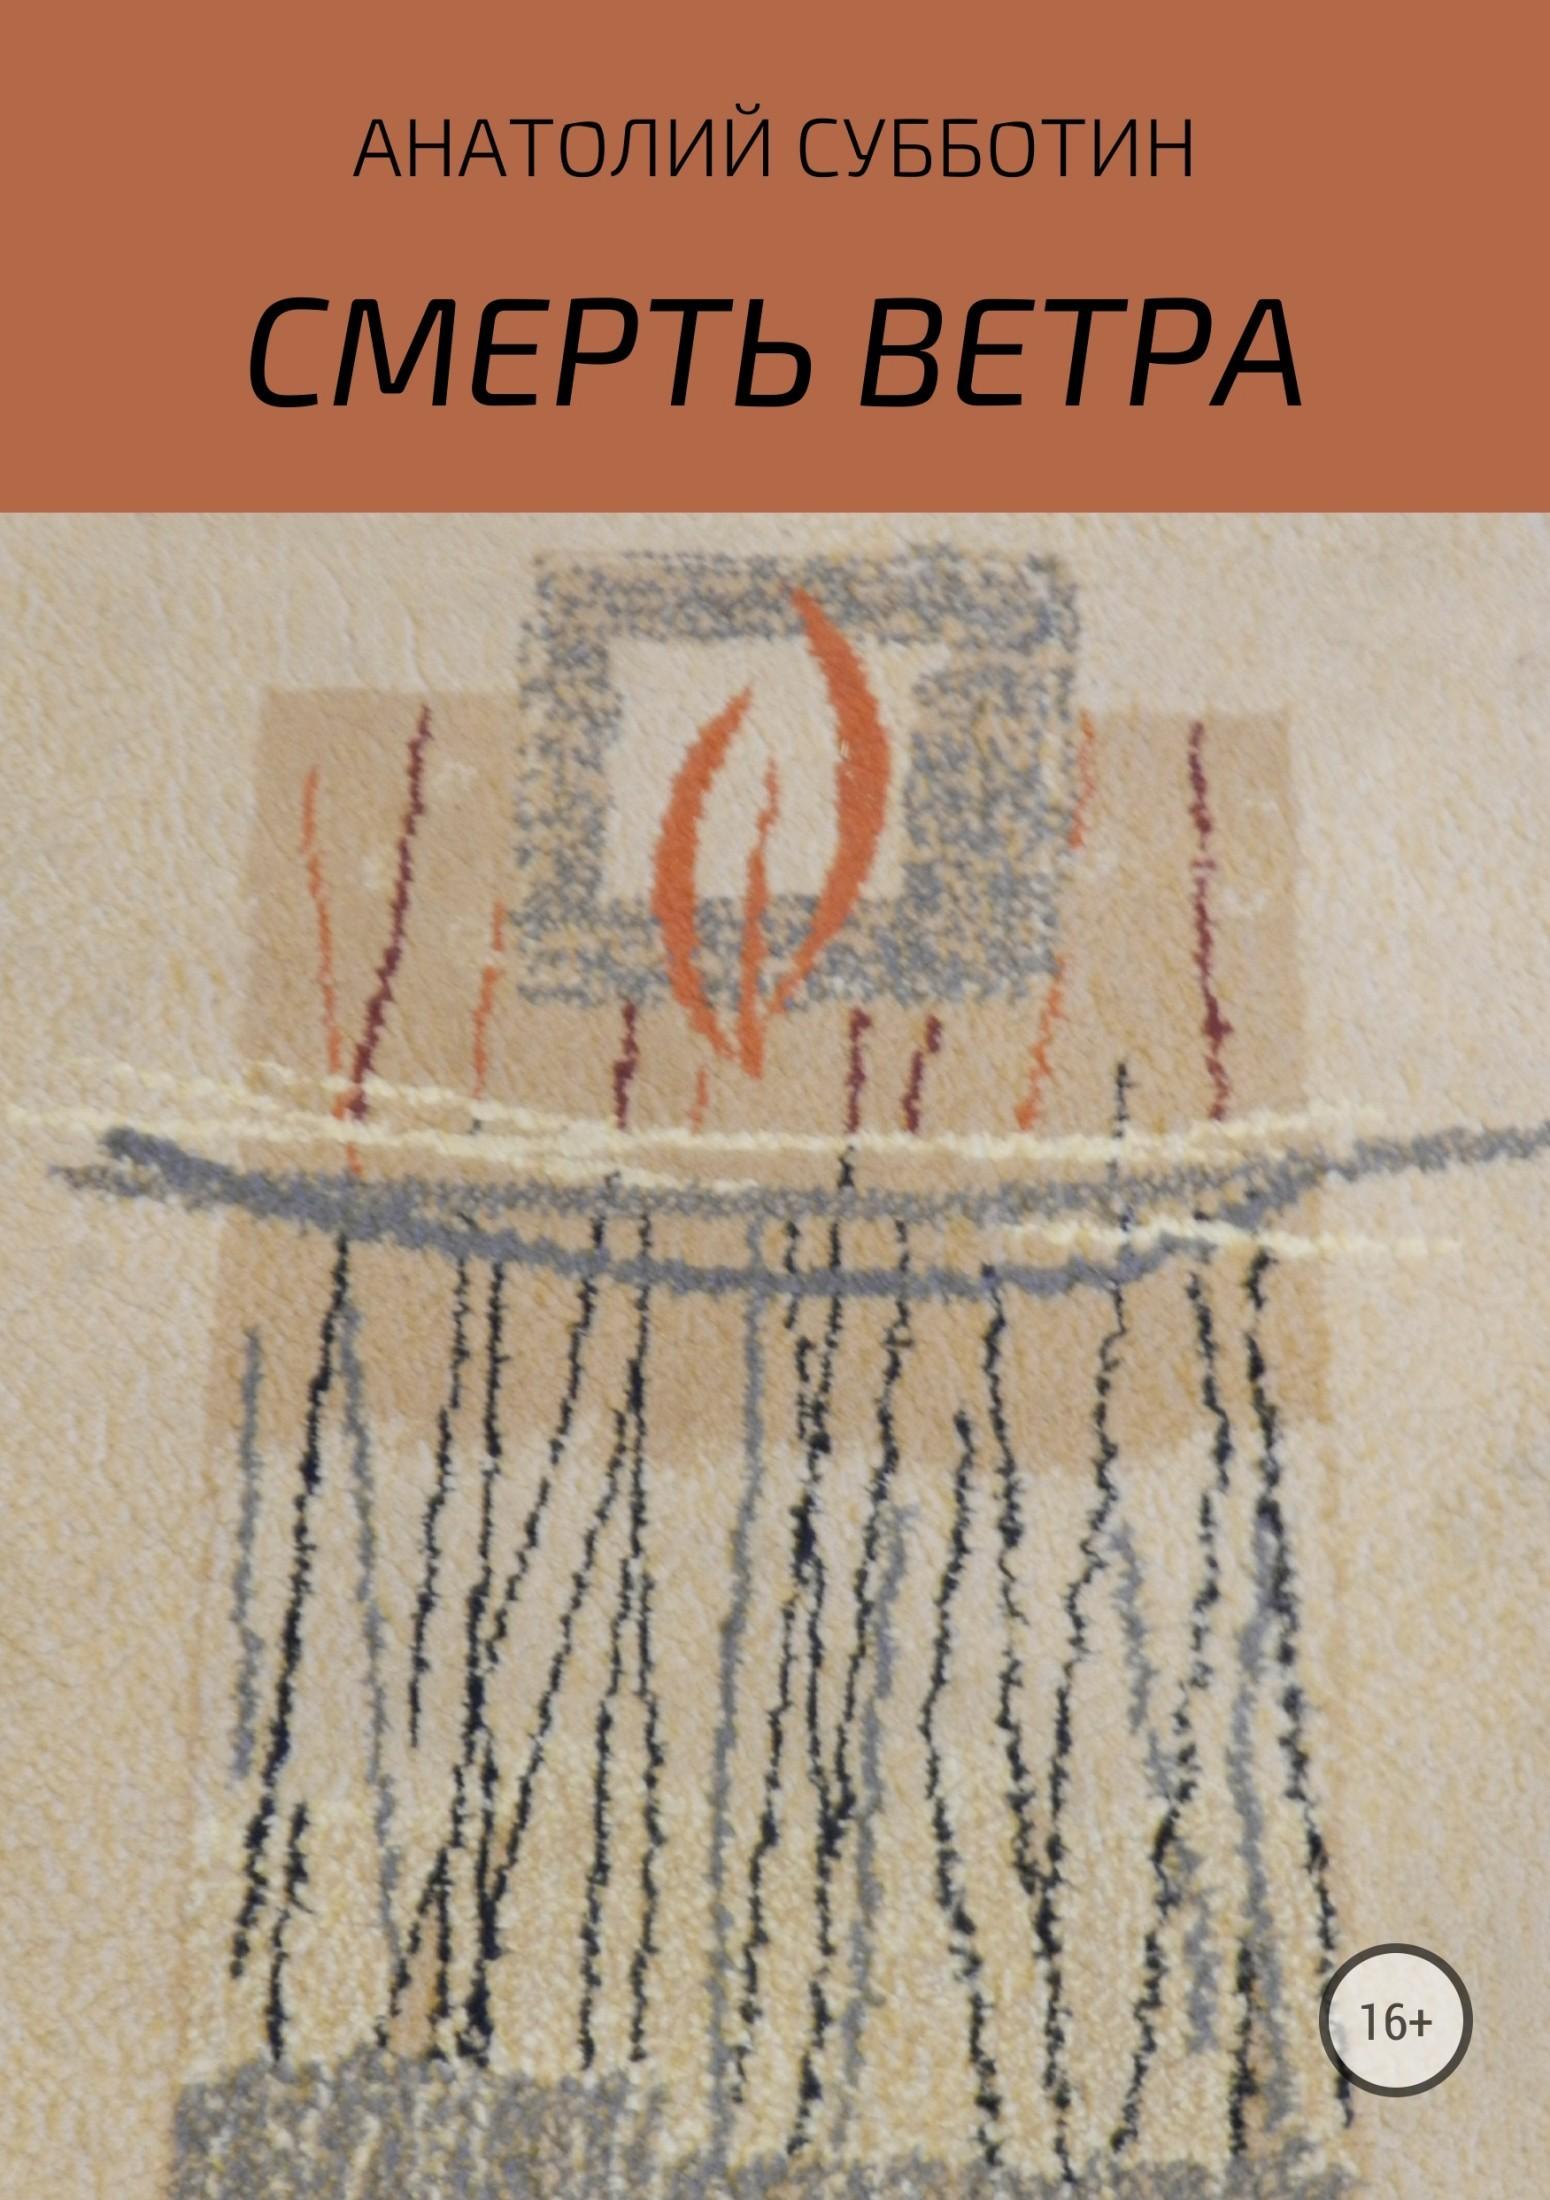 Смерть ветра. Книга стихов